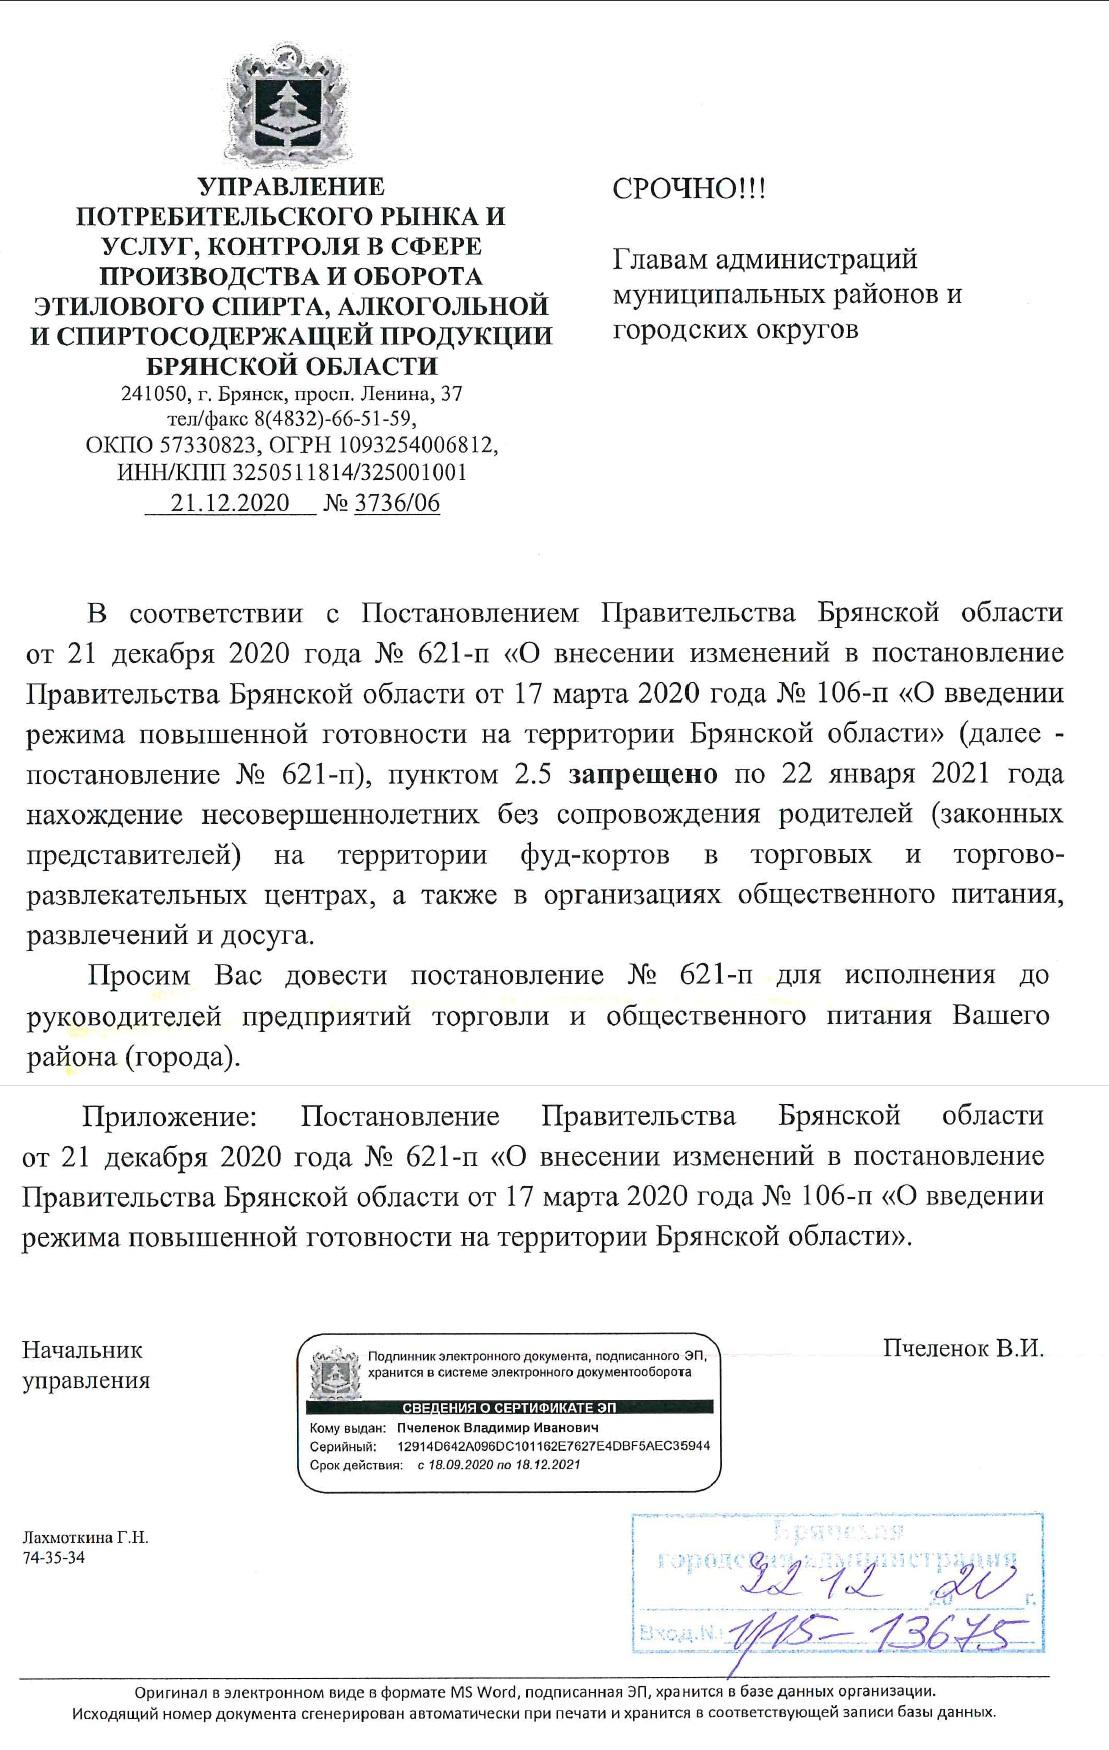 Постановление правительства Брянской области